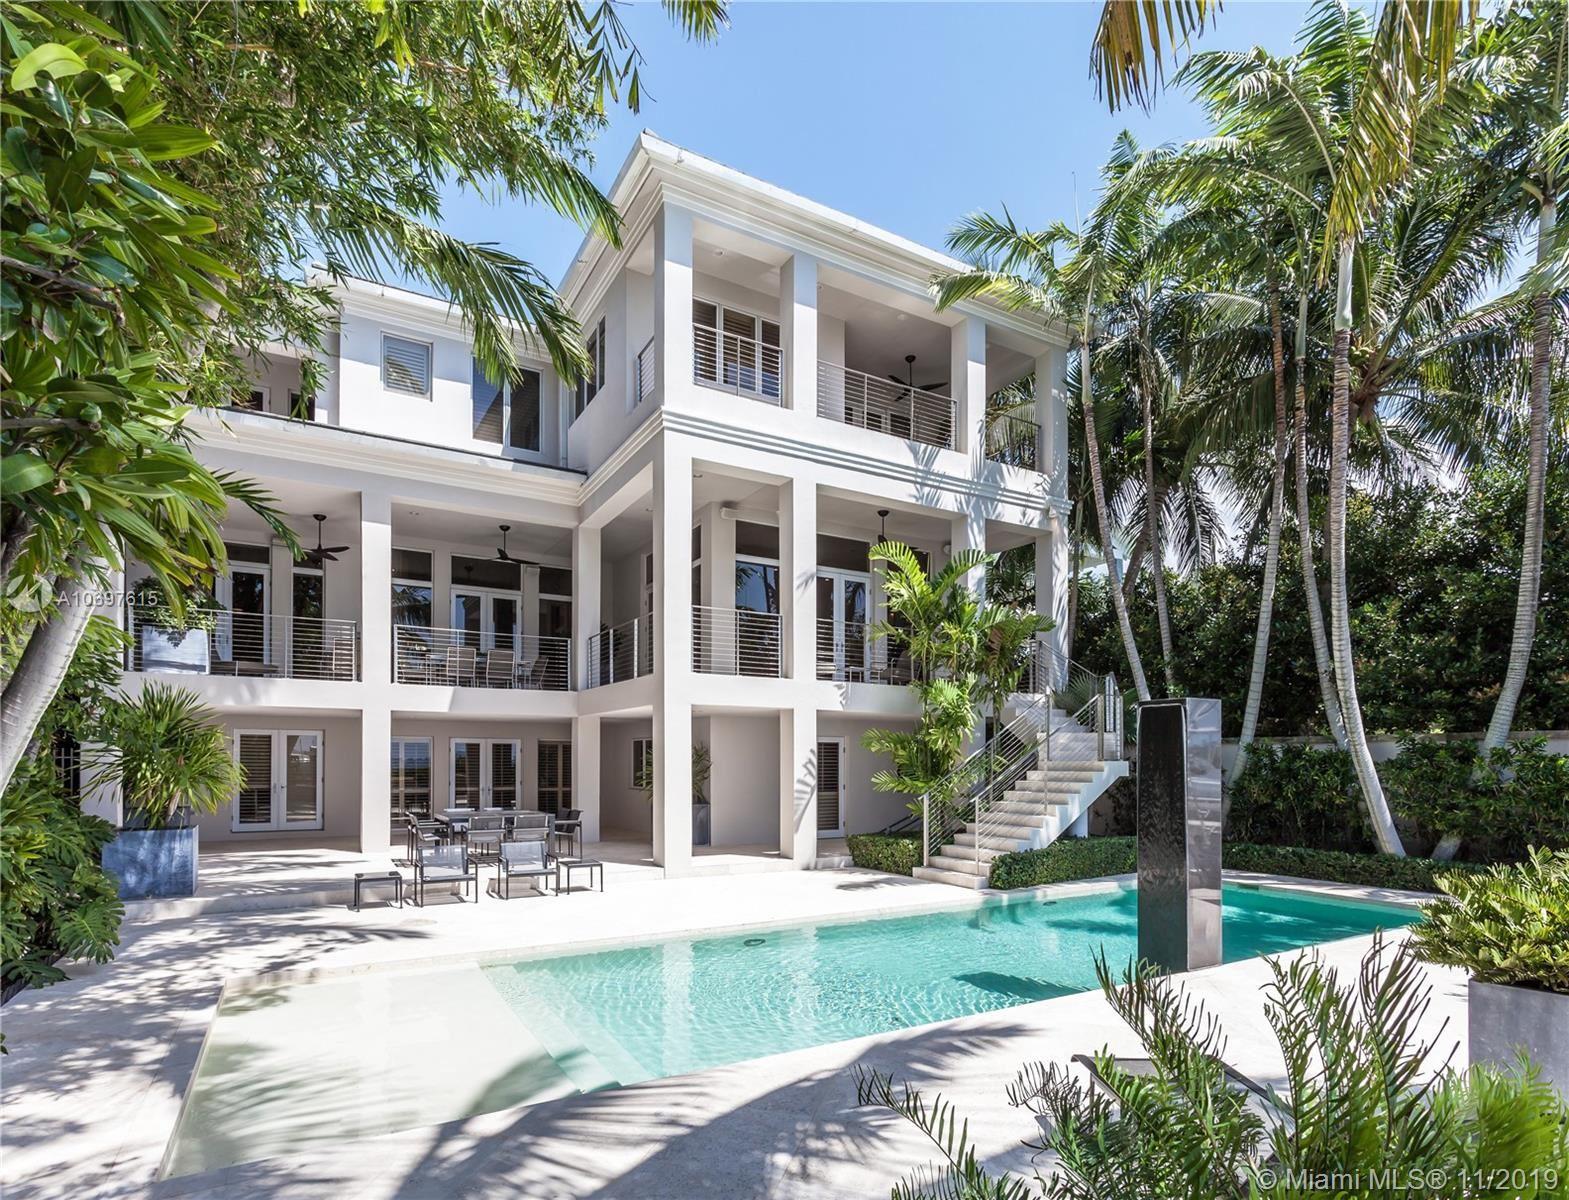 3309 Devon Ct, Miami, FL 33133 - #: A10697615